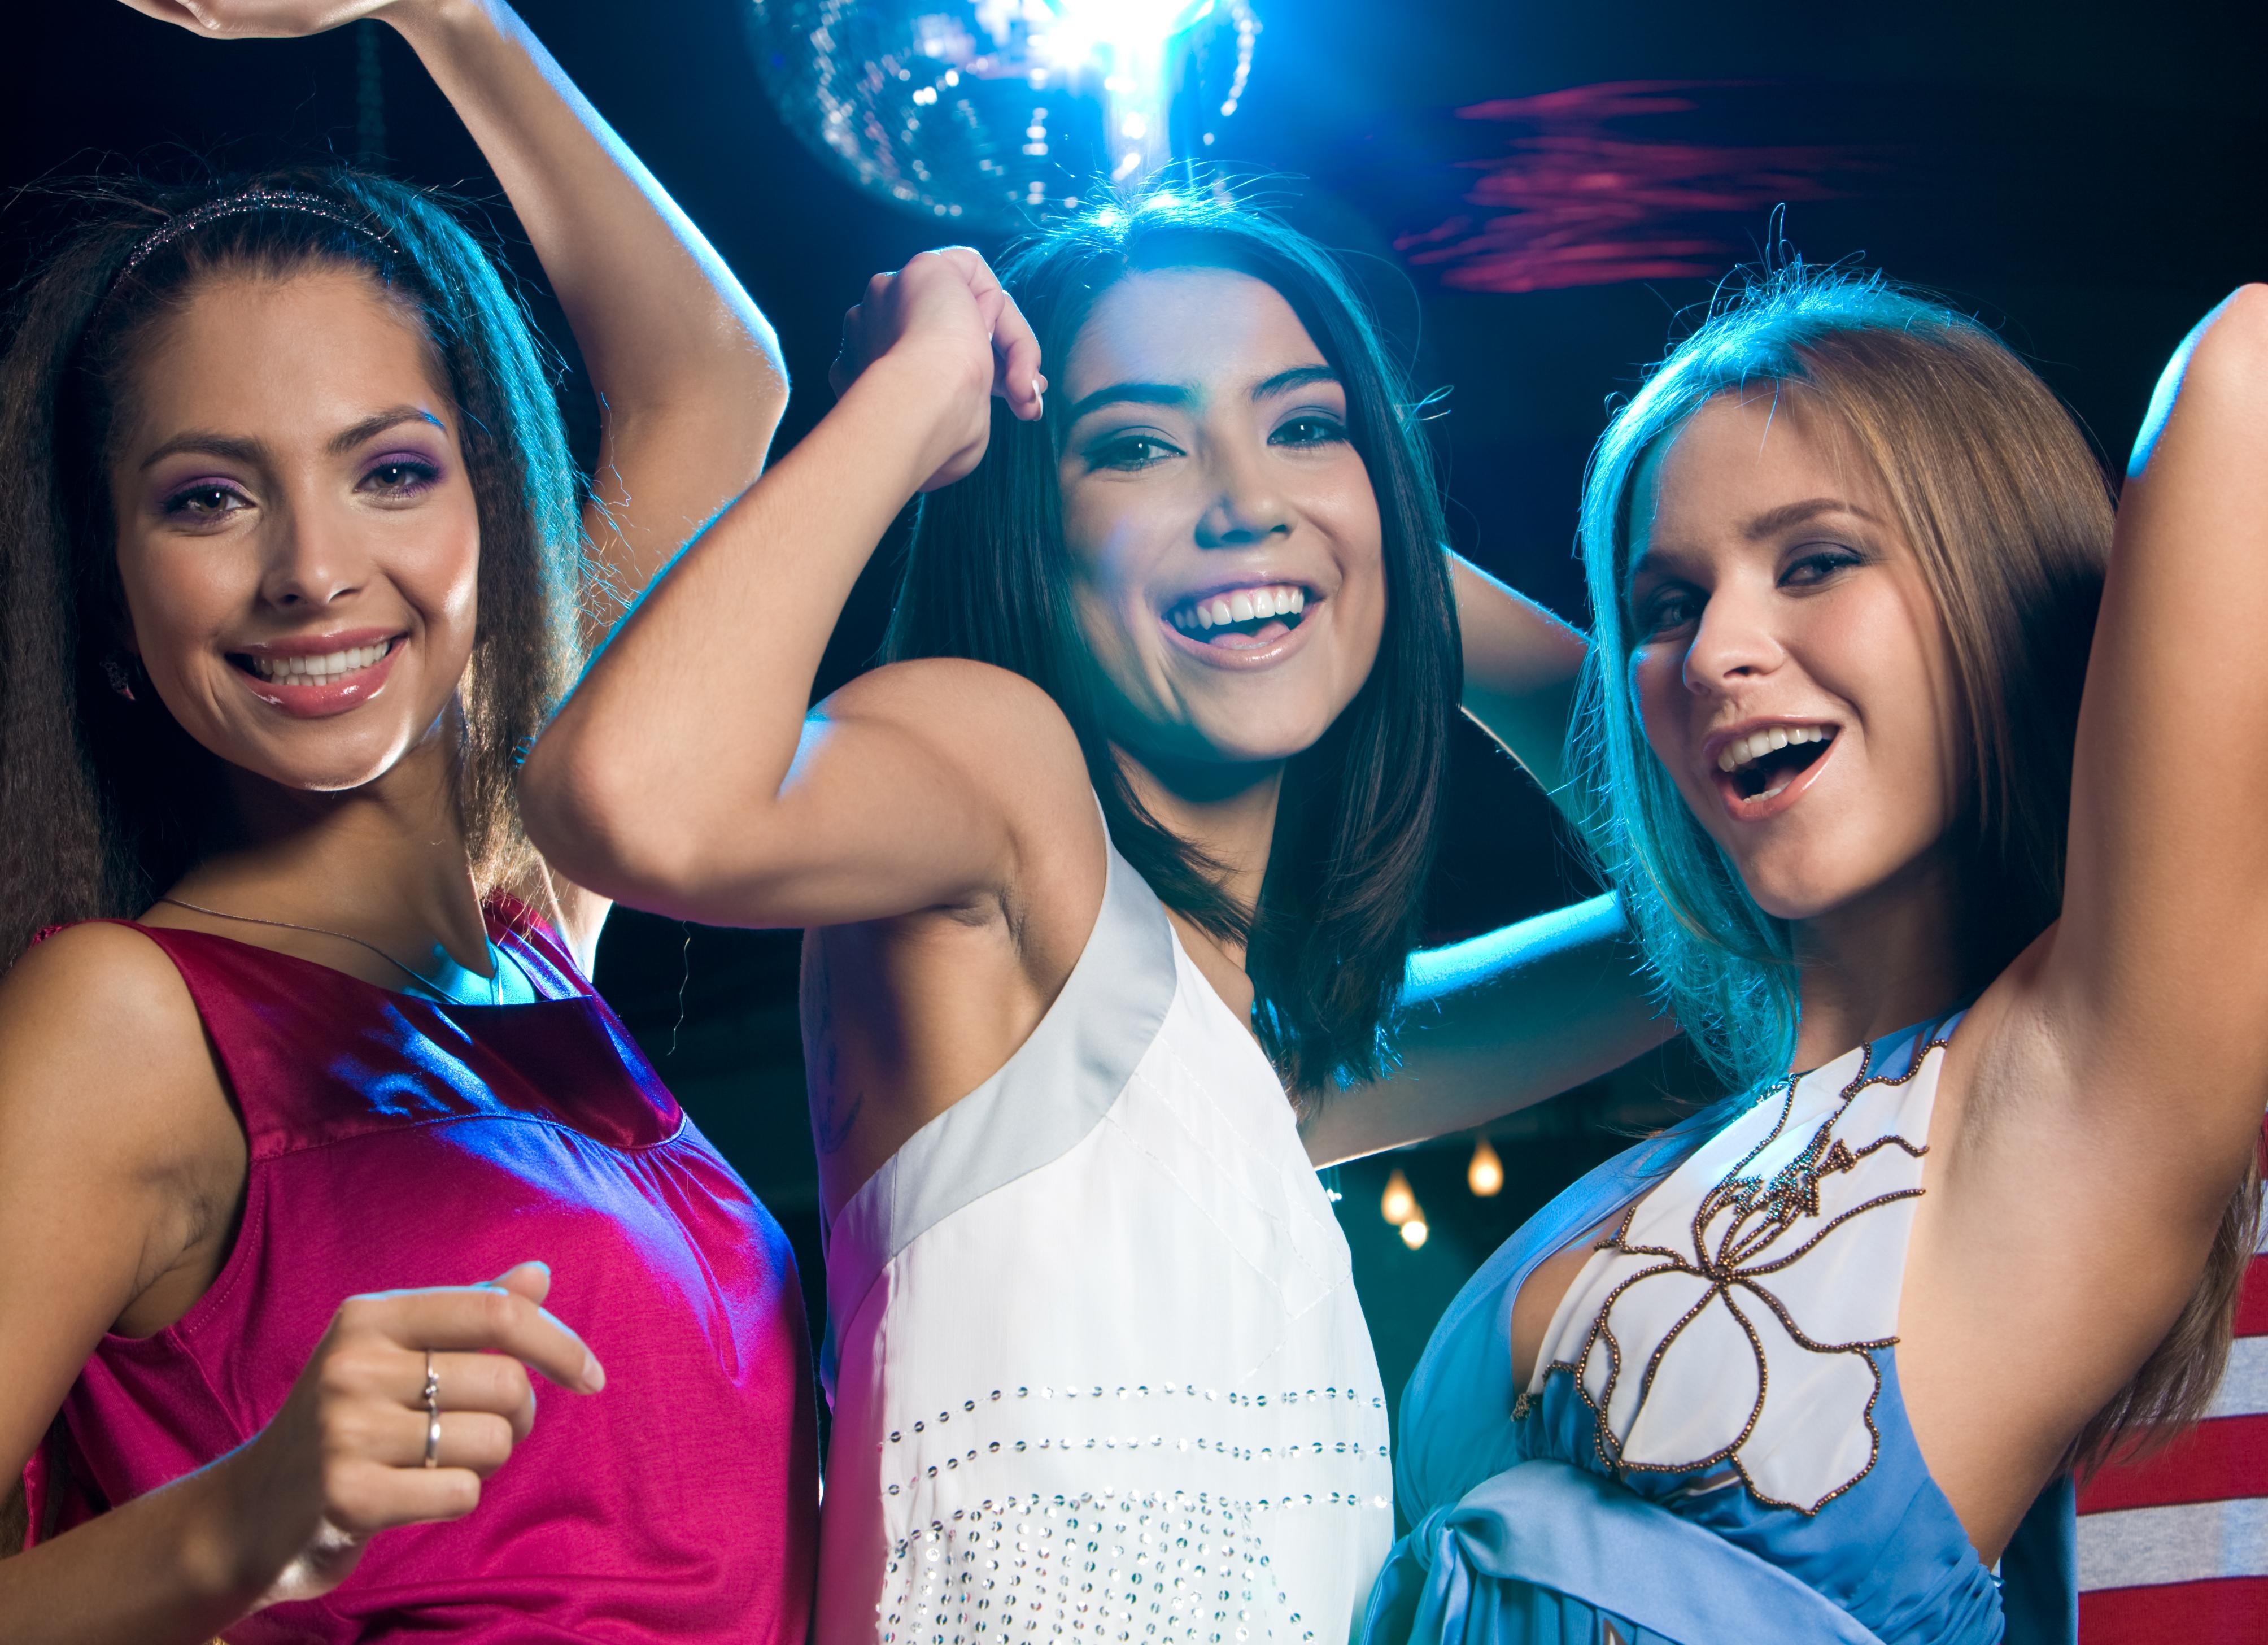 Девушки на московских дискотеках